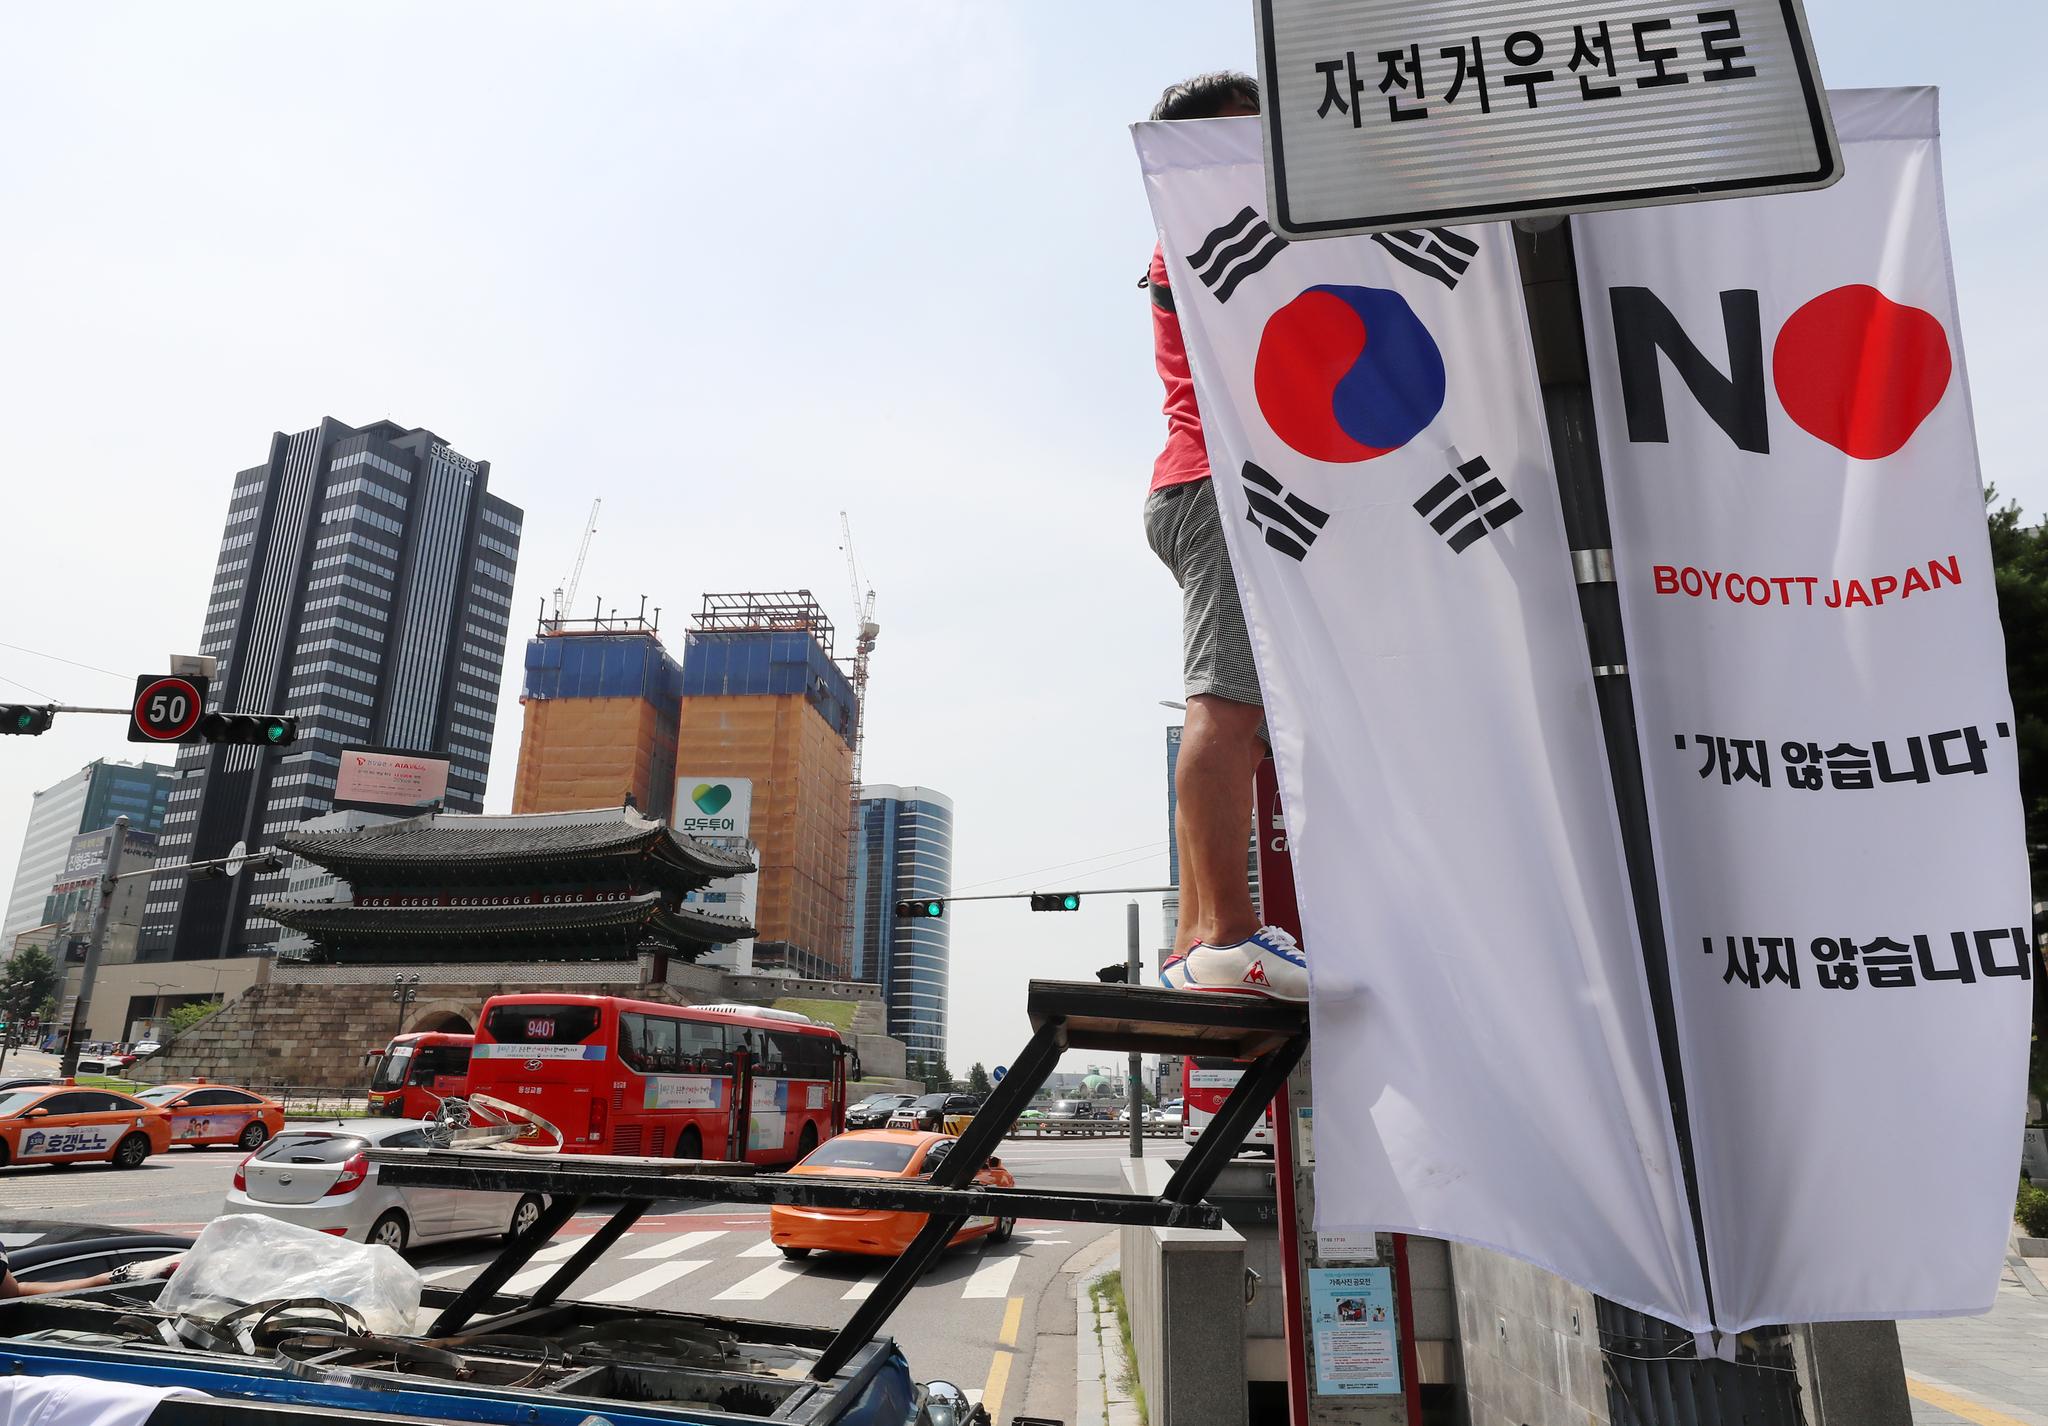 6일 오전 서울 중구 남대문로에서 중구청 관계자가 일본이 백색국가(화이트리스트)에서 한국을 제외한 것에 대한 항의의 뜻으로 '노(보이콧) 재팬' : 가지 않습니다 사지 않습니다'라고 적힌 배너기를 설치하고 있다. [연합뉴스]